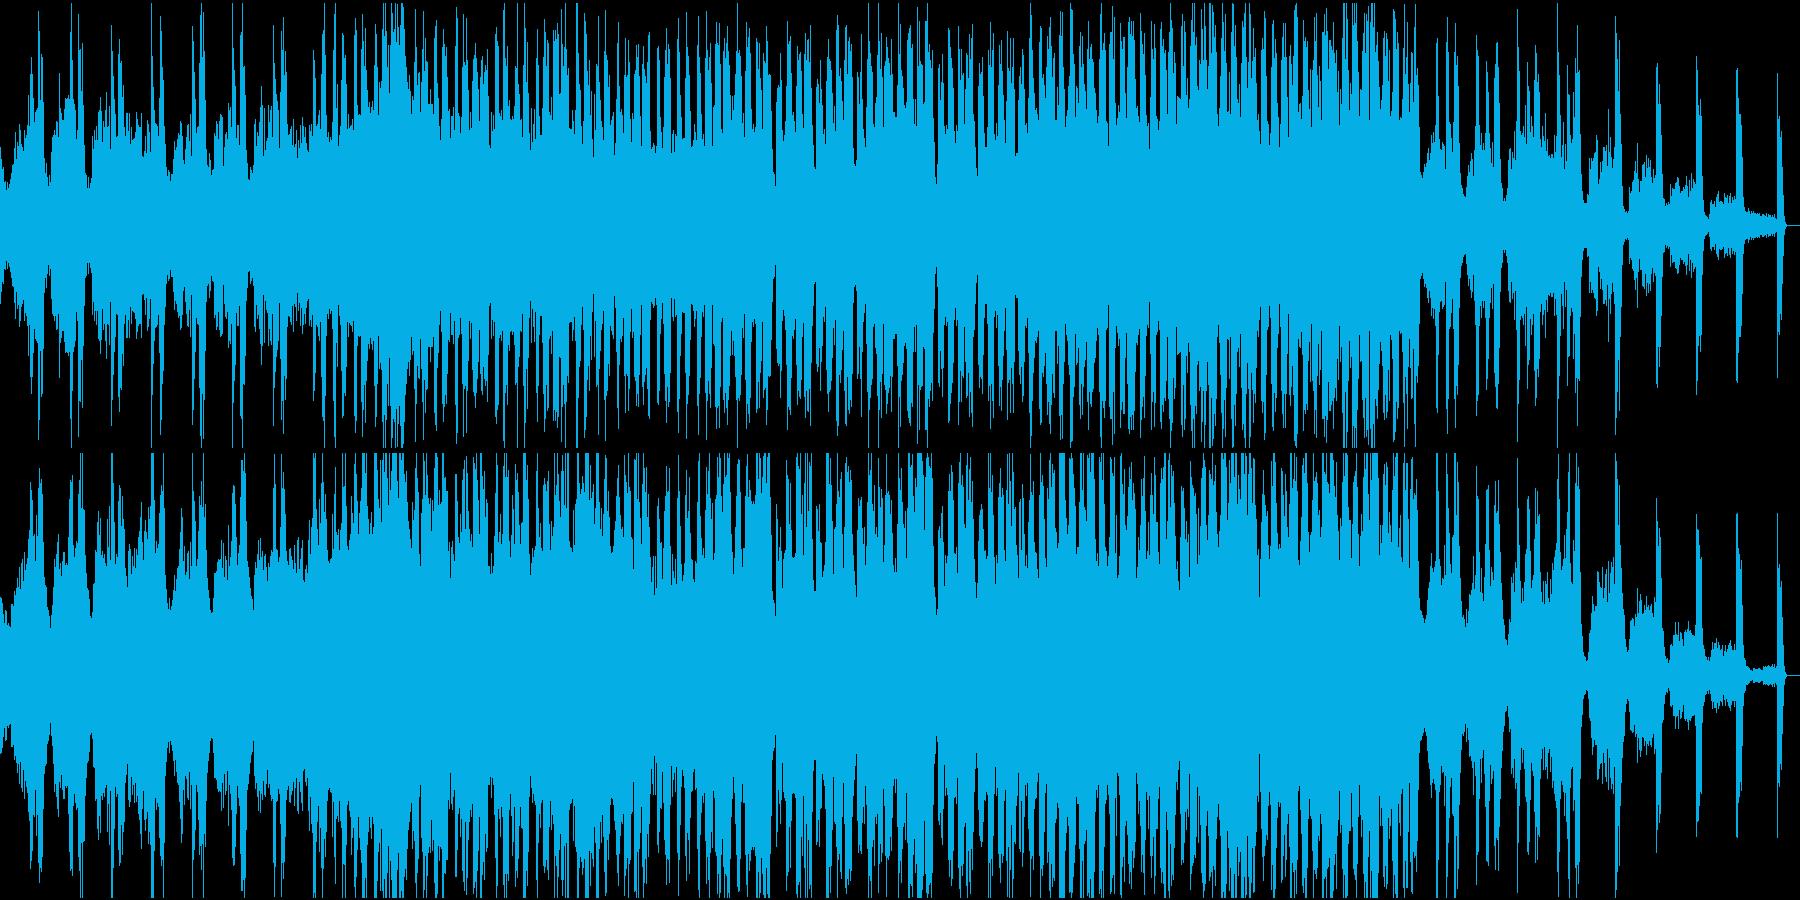 何かの予兆を感じさせるBGMの再生済みの波形